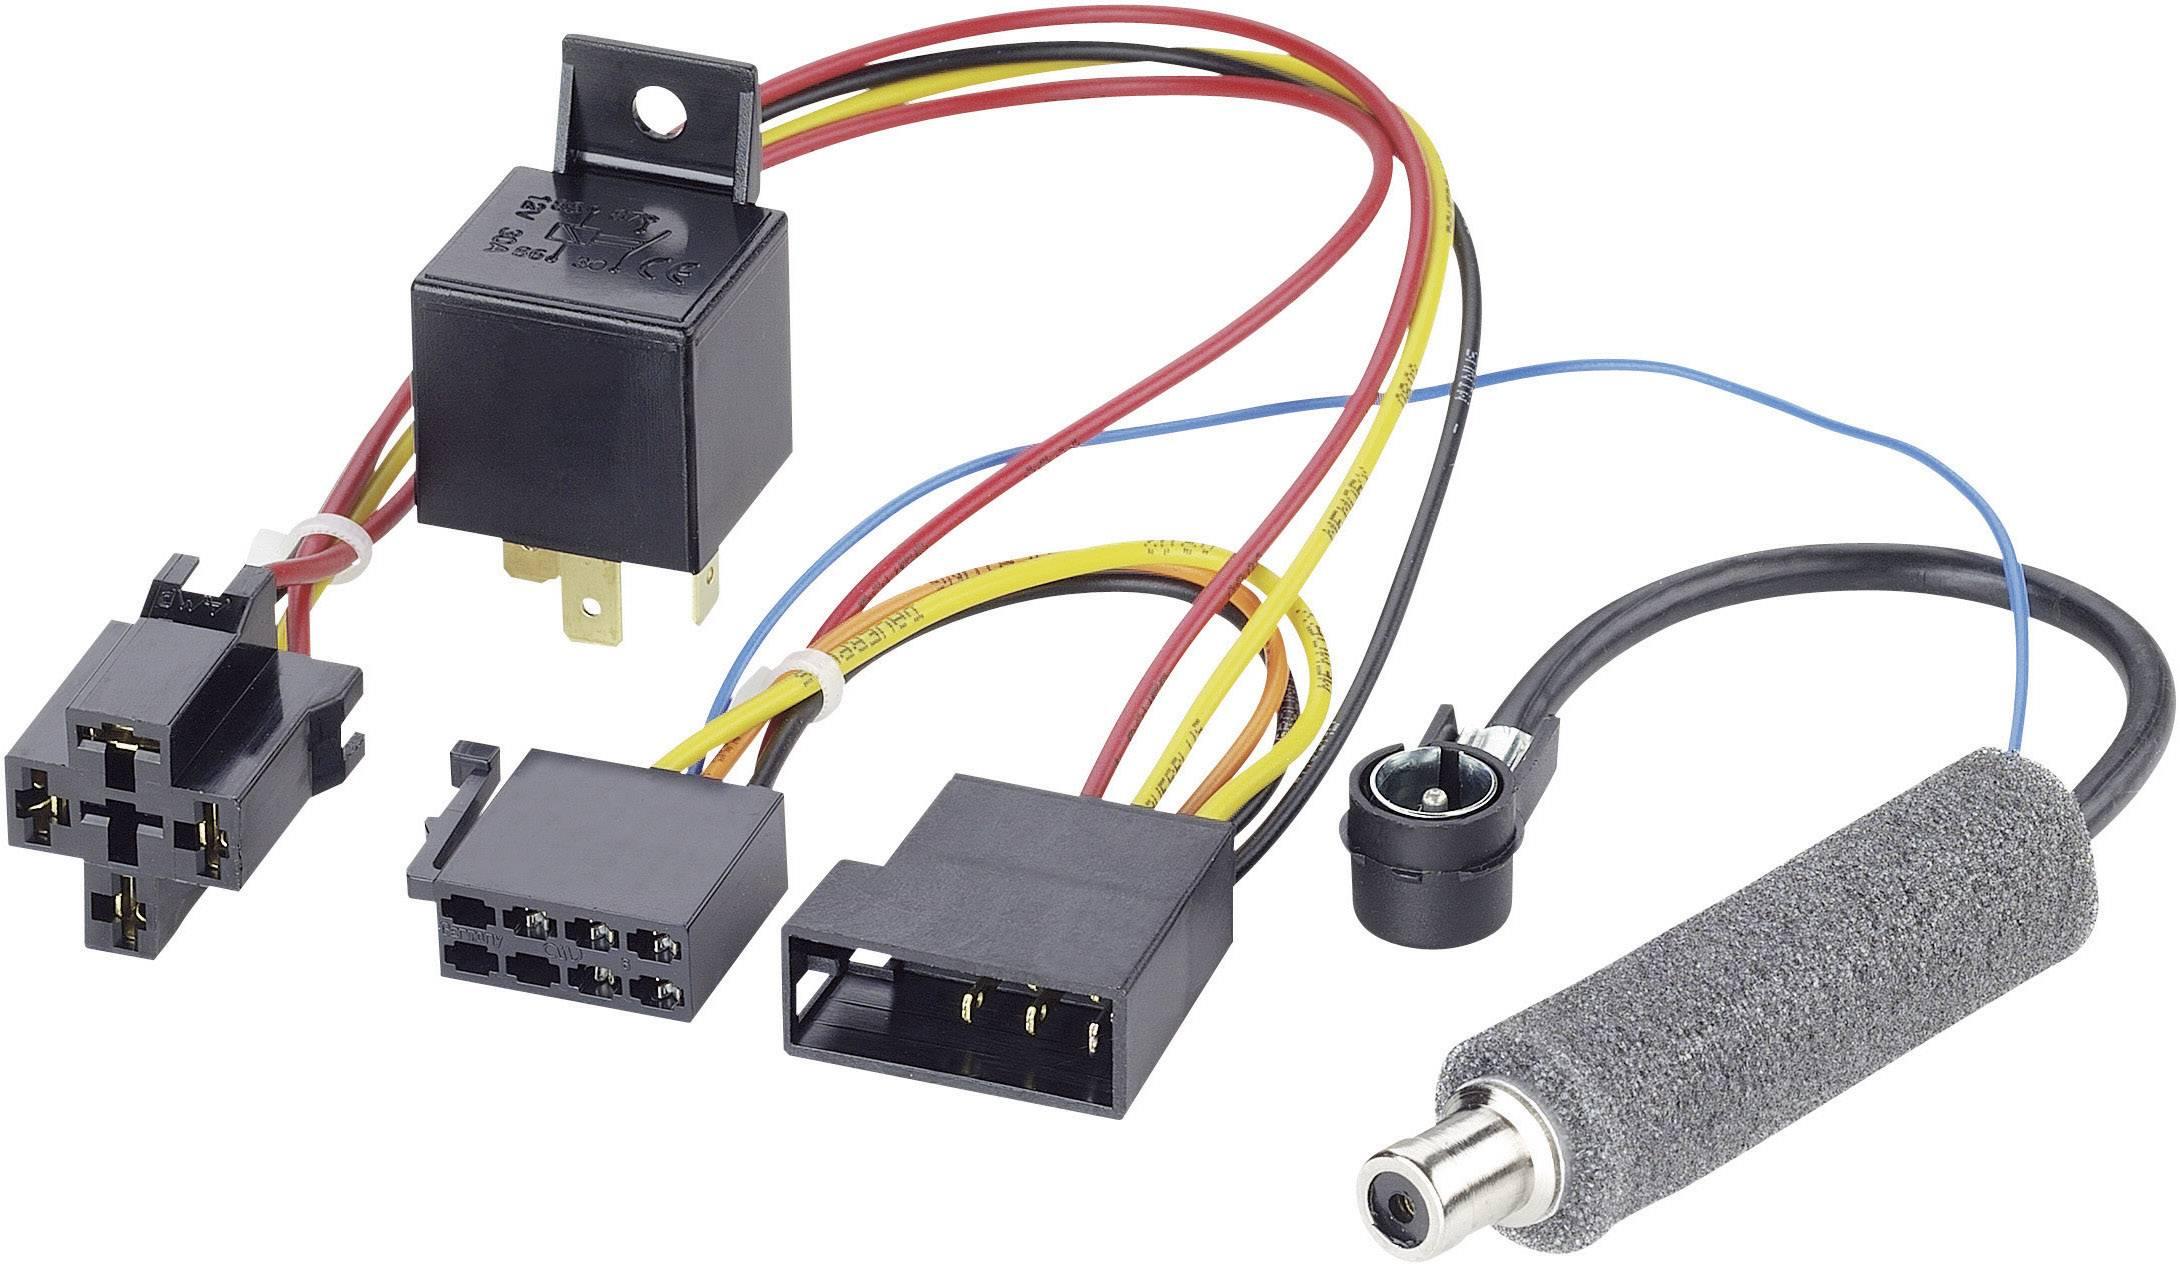 ISO adaptérový kábel pre autorádio AIV 41C602 vhodné pre autá Skoda, Volkswagen